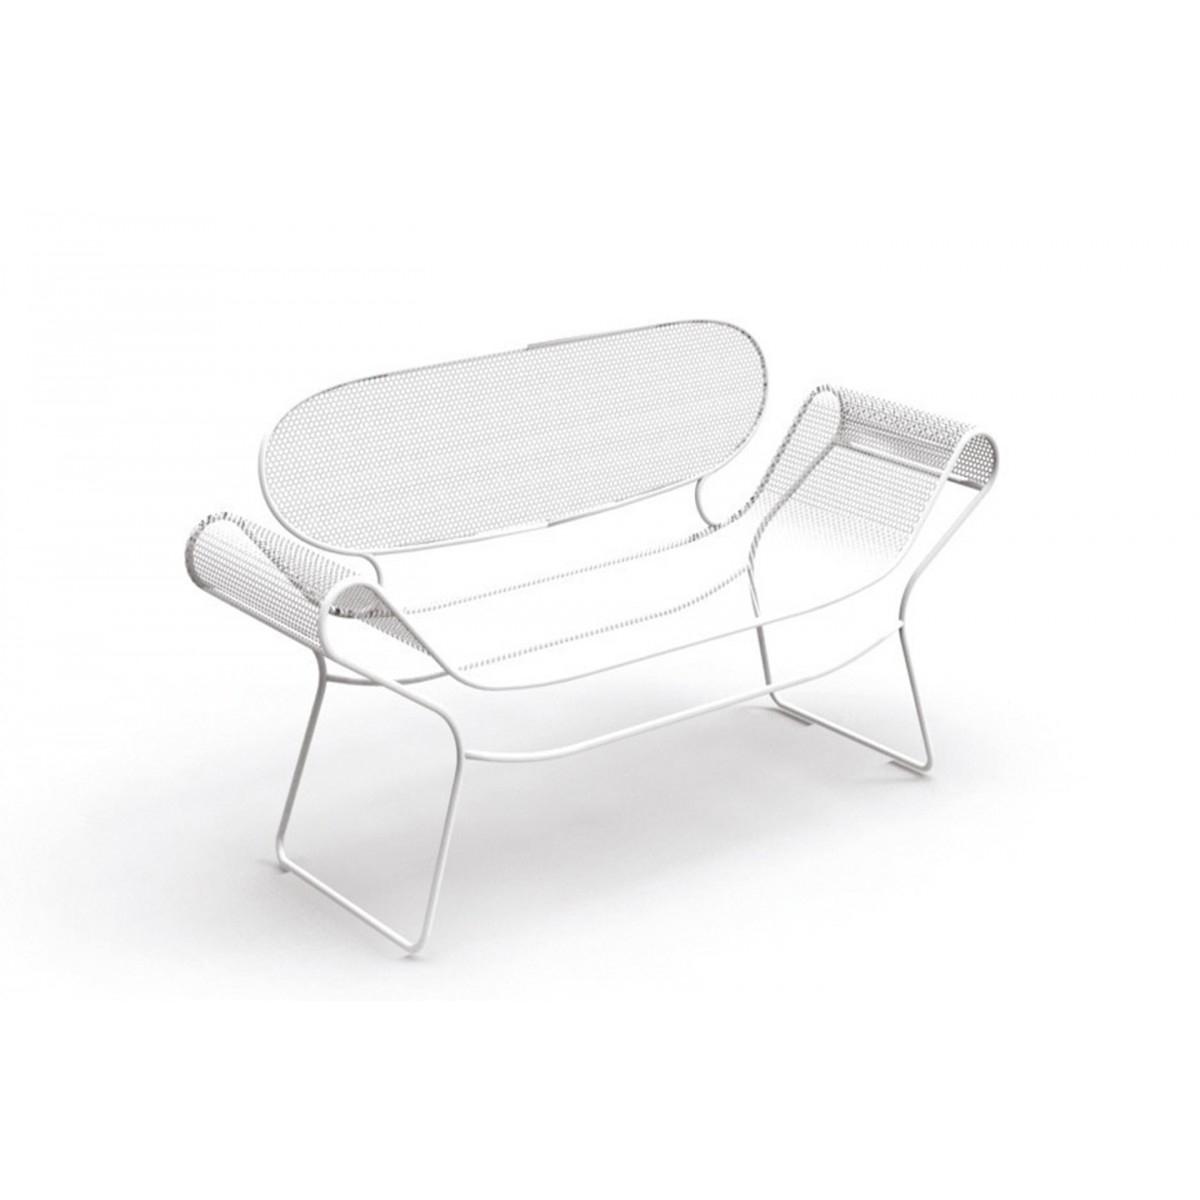 Banc D'extérieur Design Signé Karim Rashid Pour Talenti pour Banc De Jardin En Resine Blanc